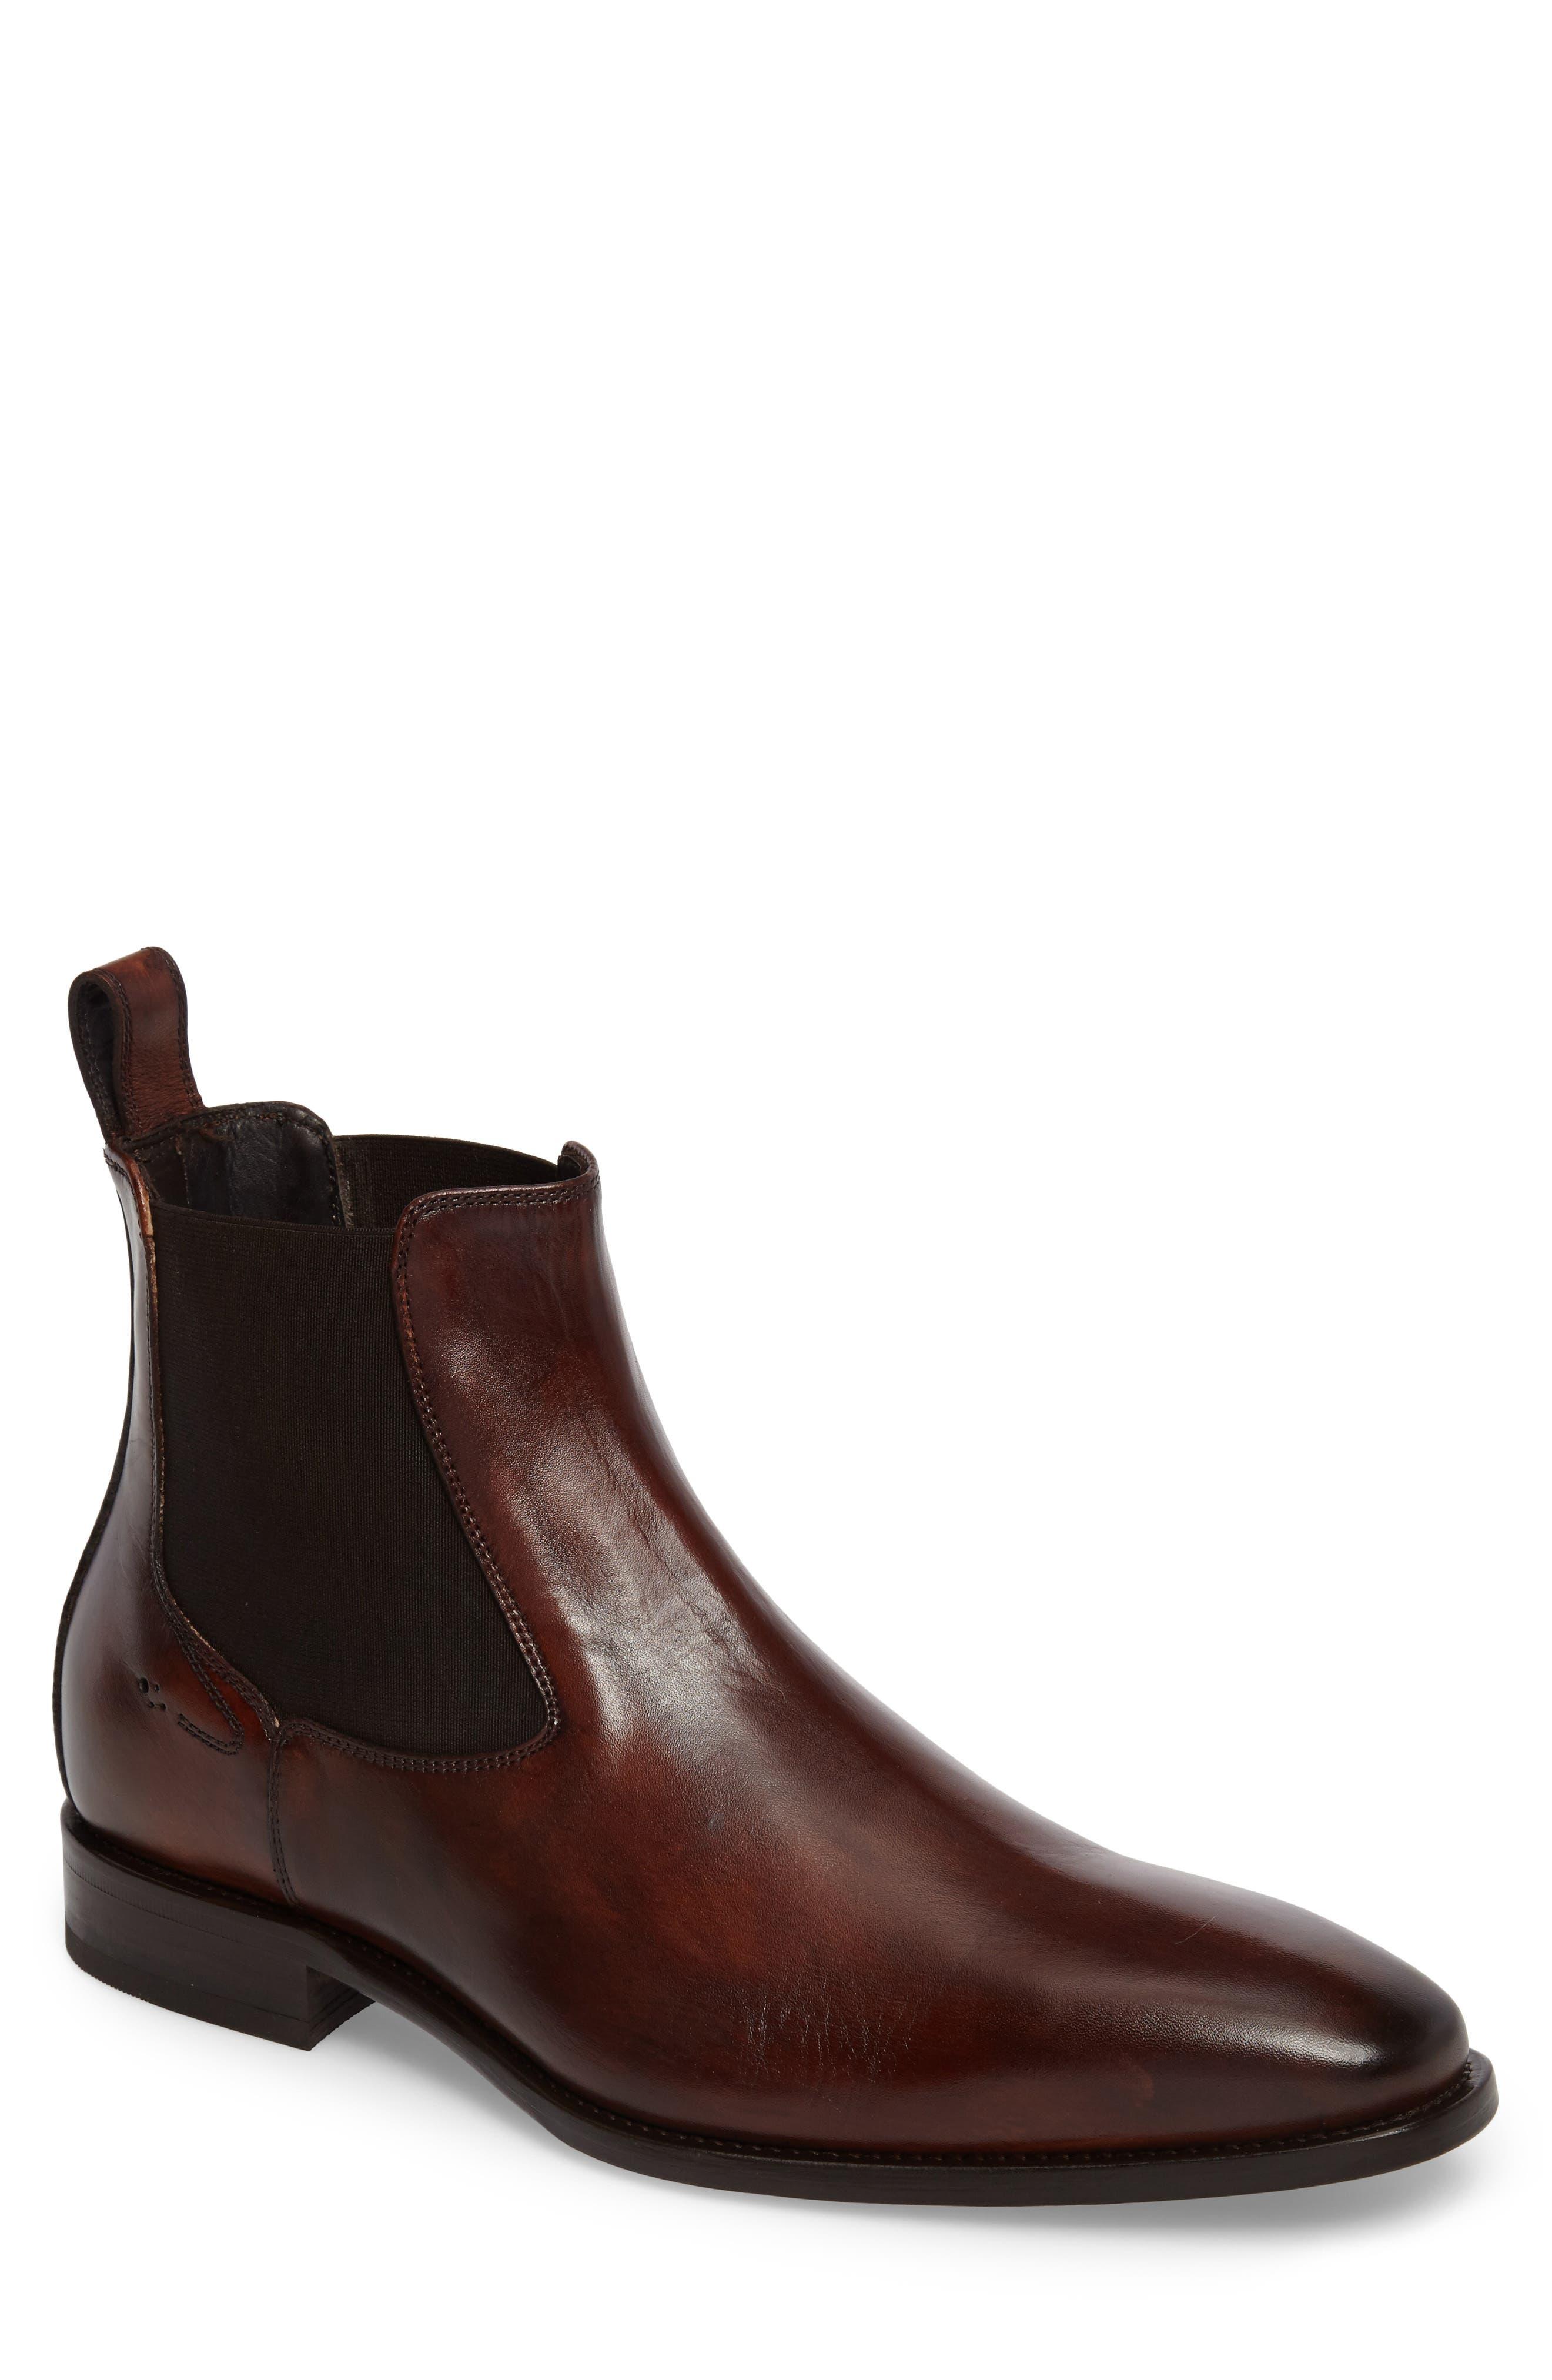 Bicolli Chelsea Boot,                         Main,                         color, 200